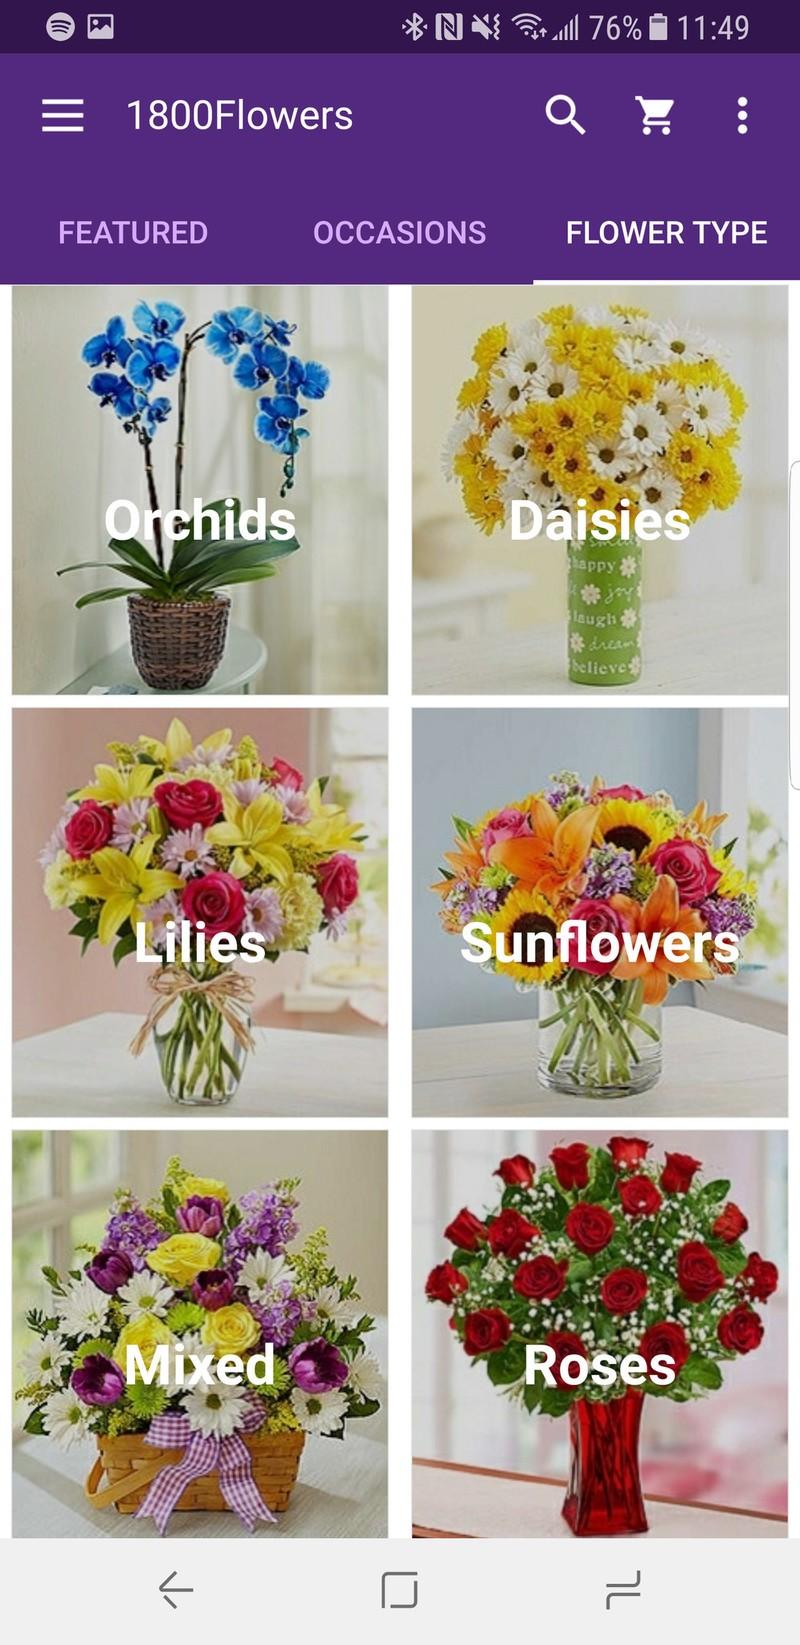 1800flowers-screens-03.jpg?itok=c1LICd2R